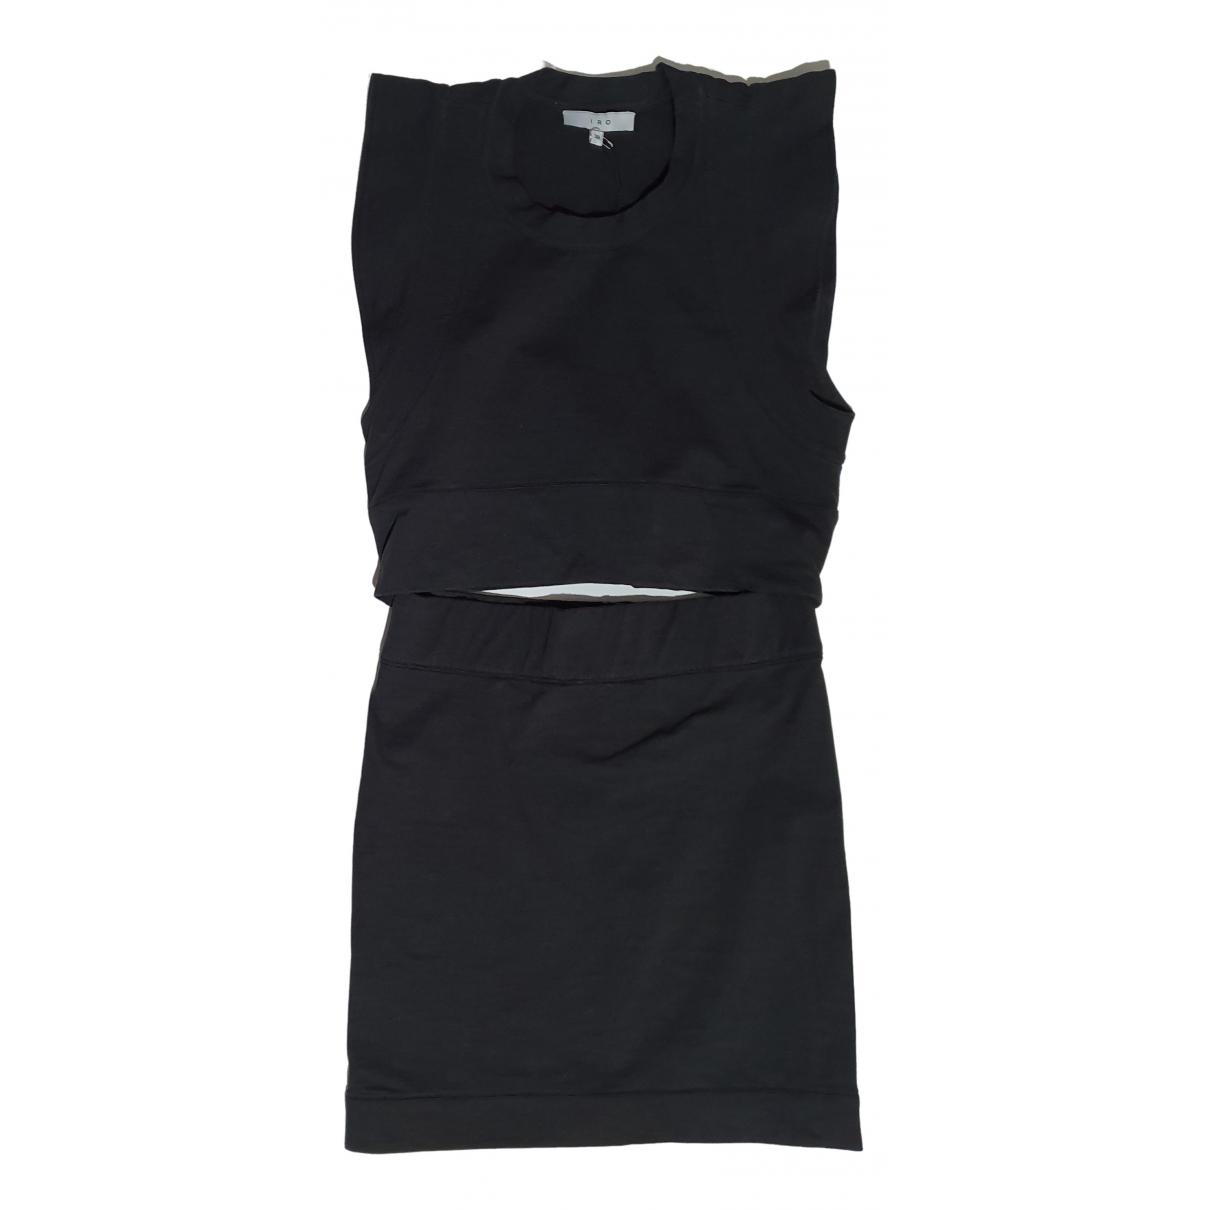 Iro \N Kleid in  Schwarz Baumwolle - Elasthan